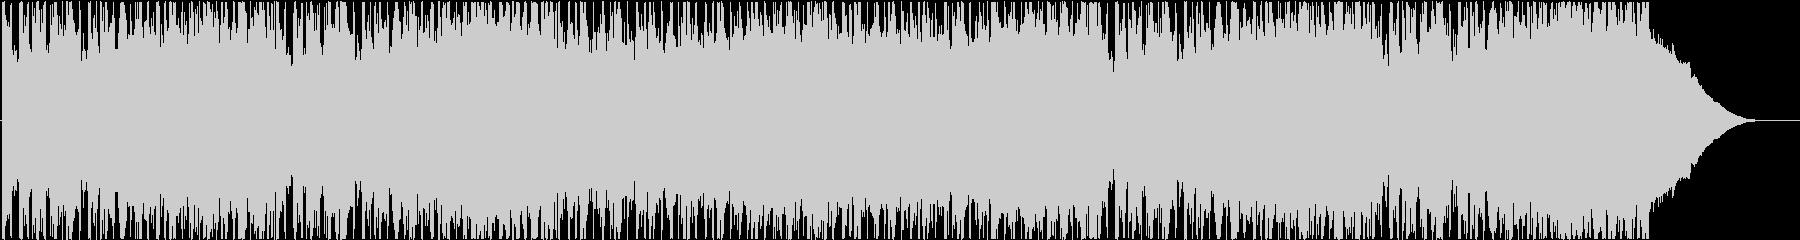 ポジティブ、ハードロック、グラムロックの未再生の波形